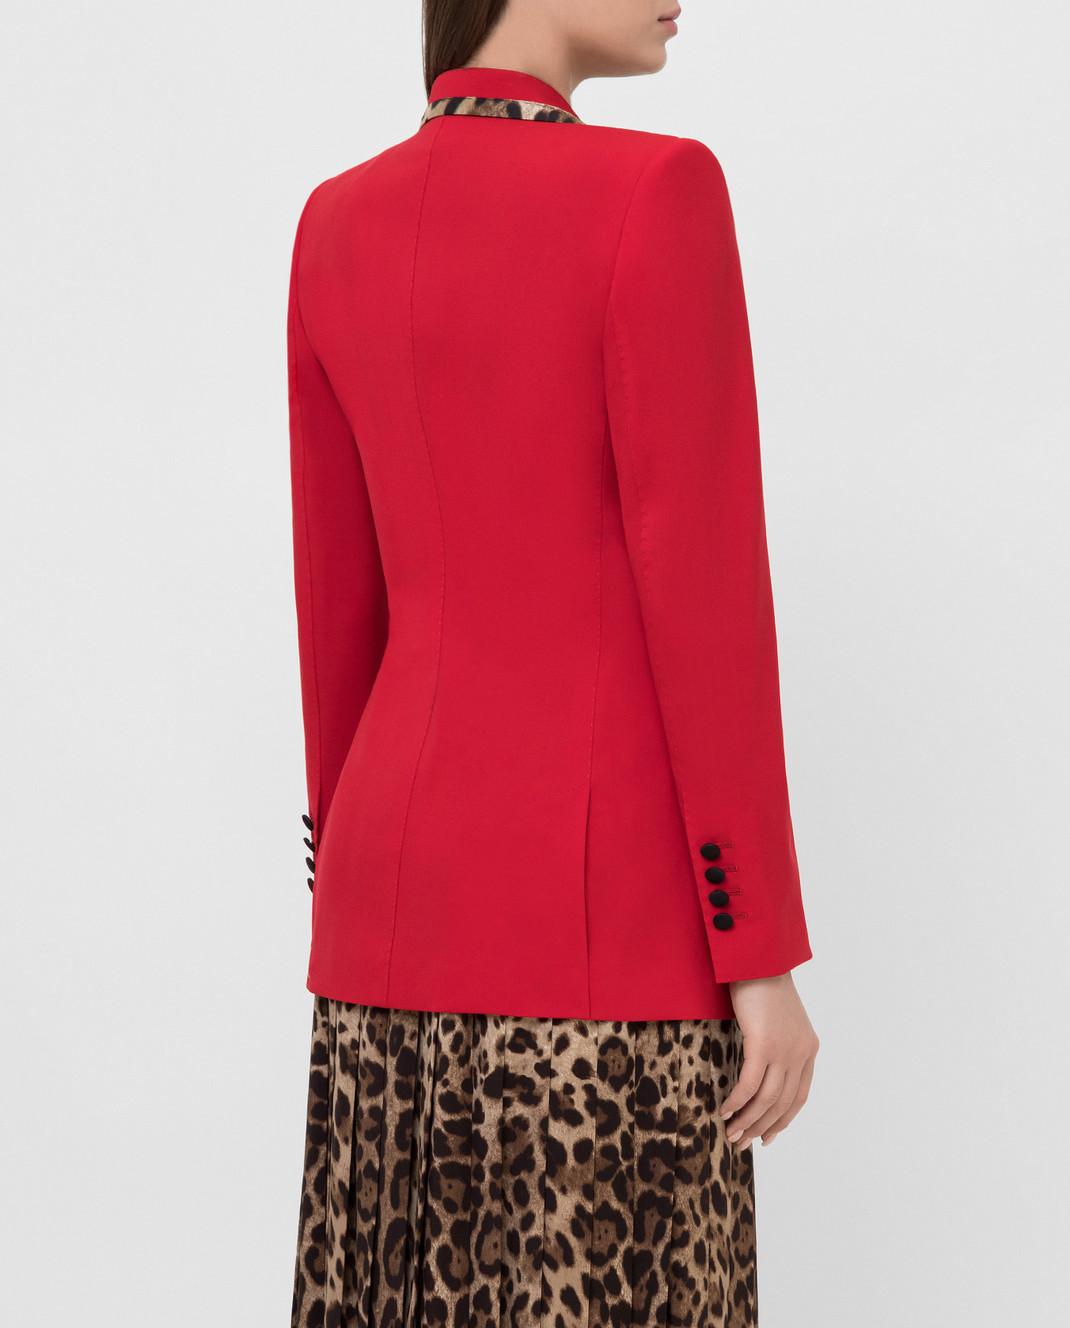 Dolce&Gabbana Красный жакет из шерсти изображение 4